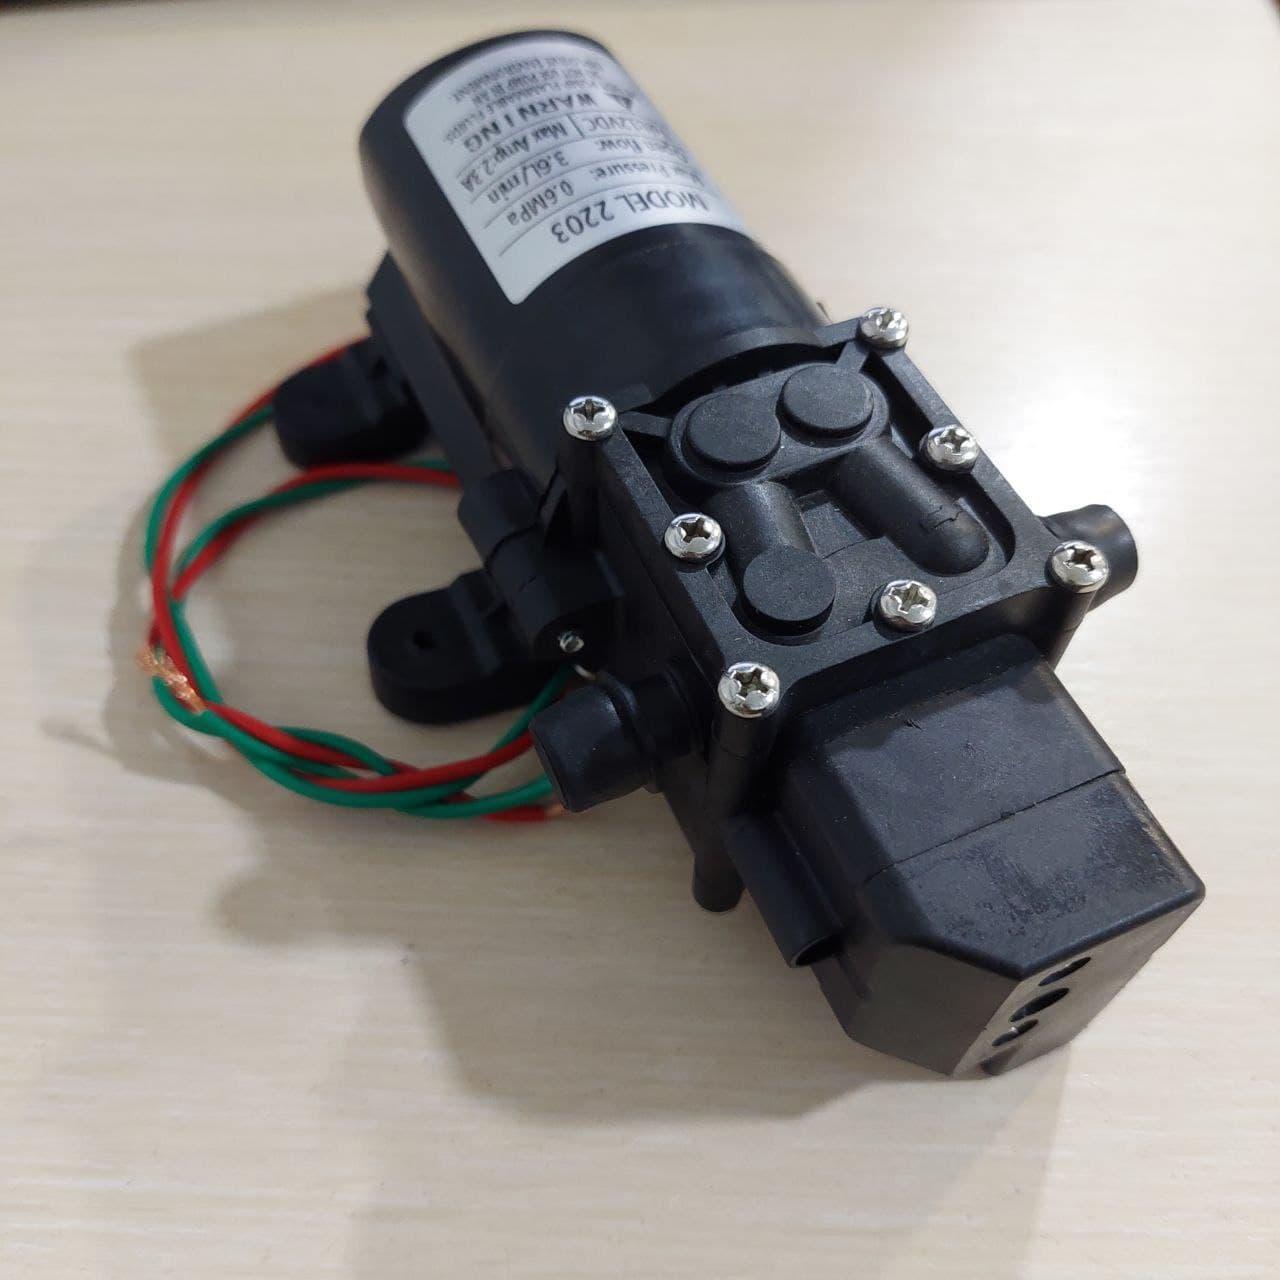 Насос для садового обприскувача (12В). 2203 з датчиком тиску. Для електричних обприскувачів. 3.6 л/хв.